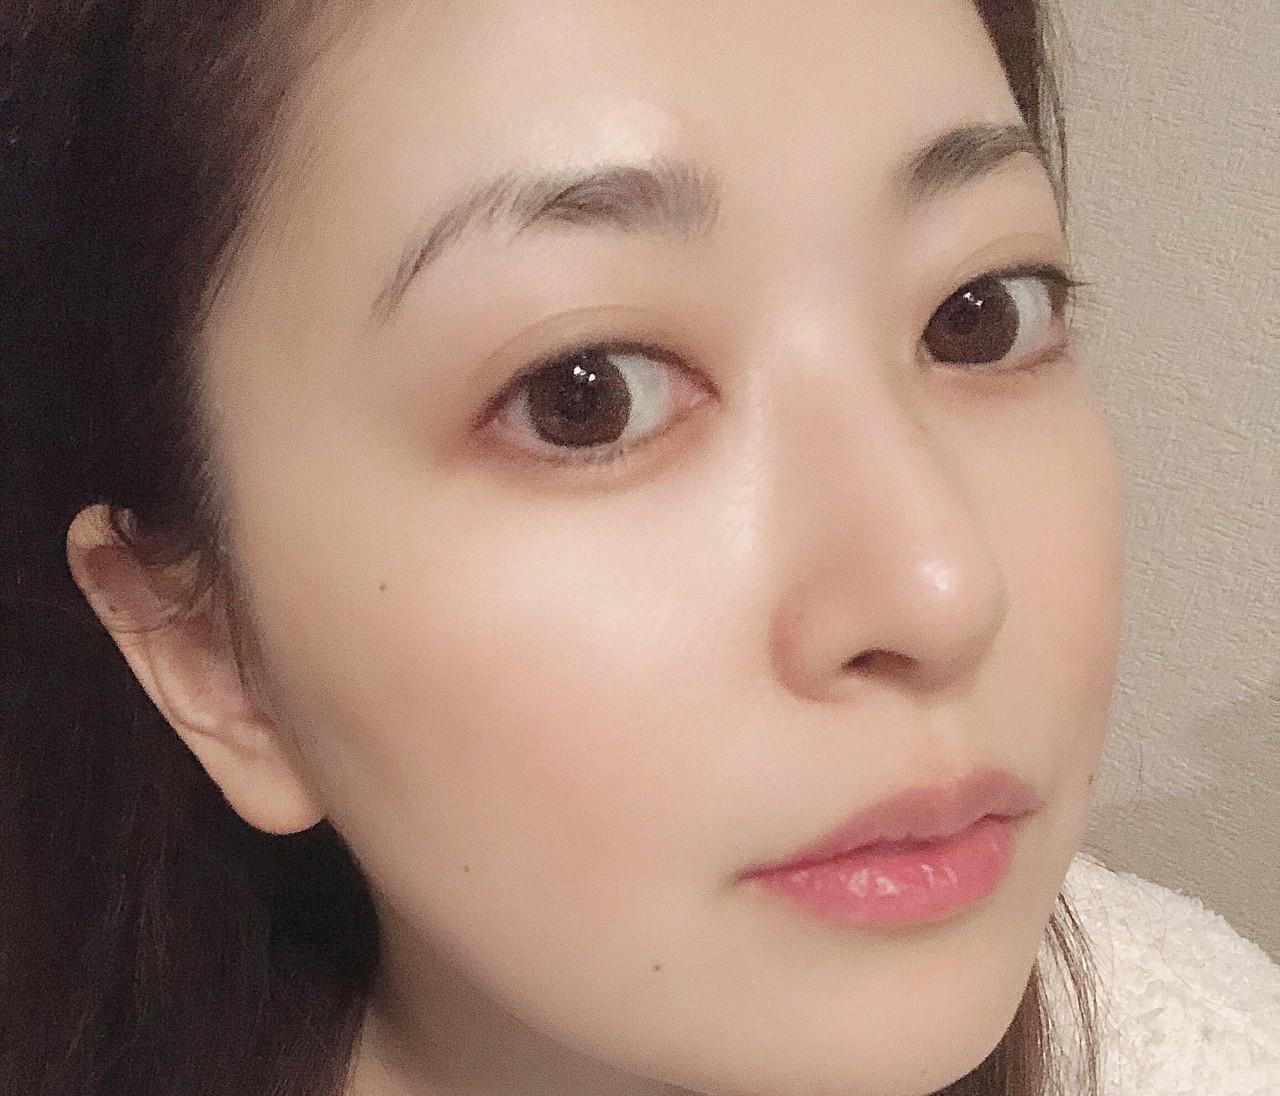 30代が使うおすすめシートマスク 美白透明感・保湿・肌荒れの効果別 使用後の肌も公開